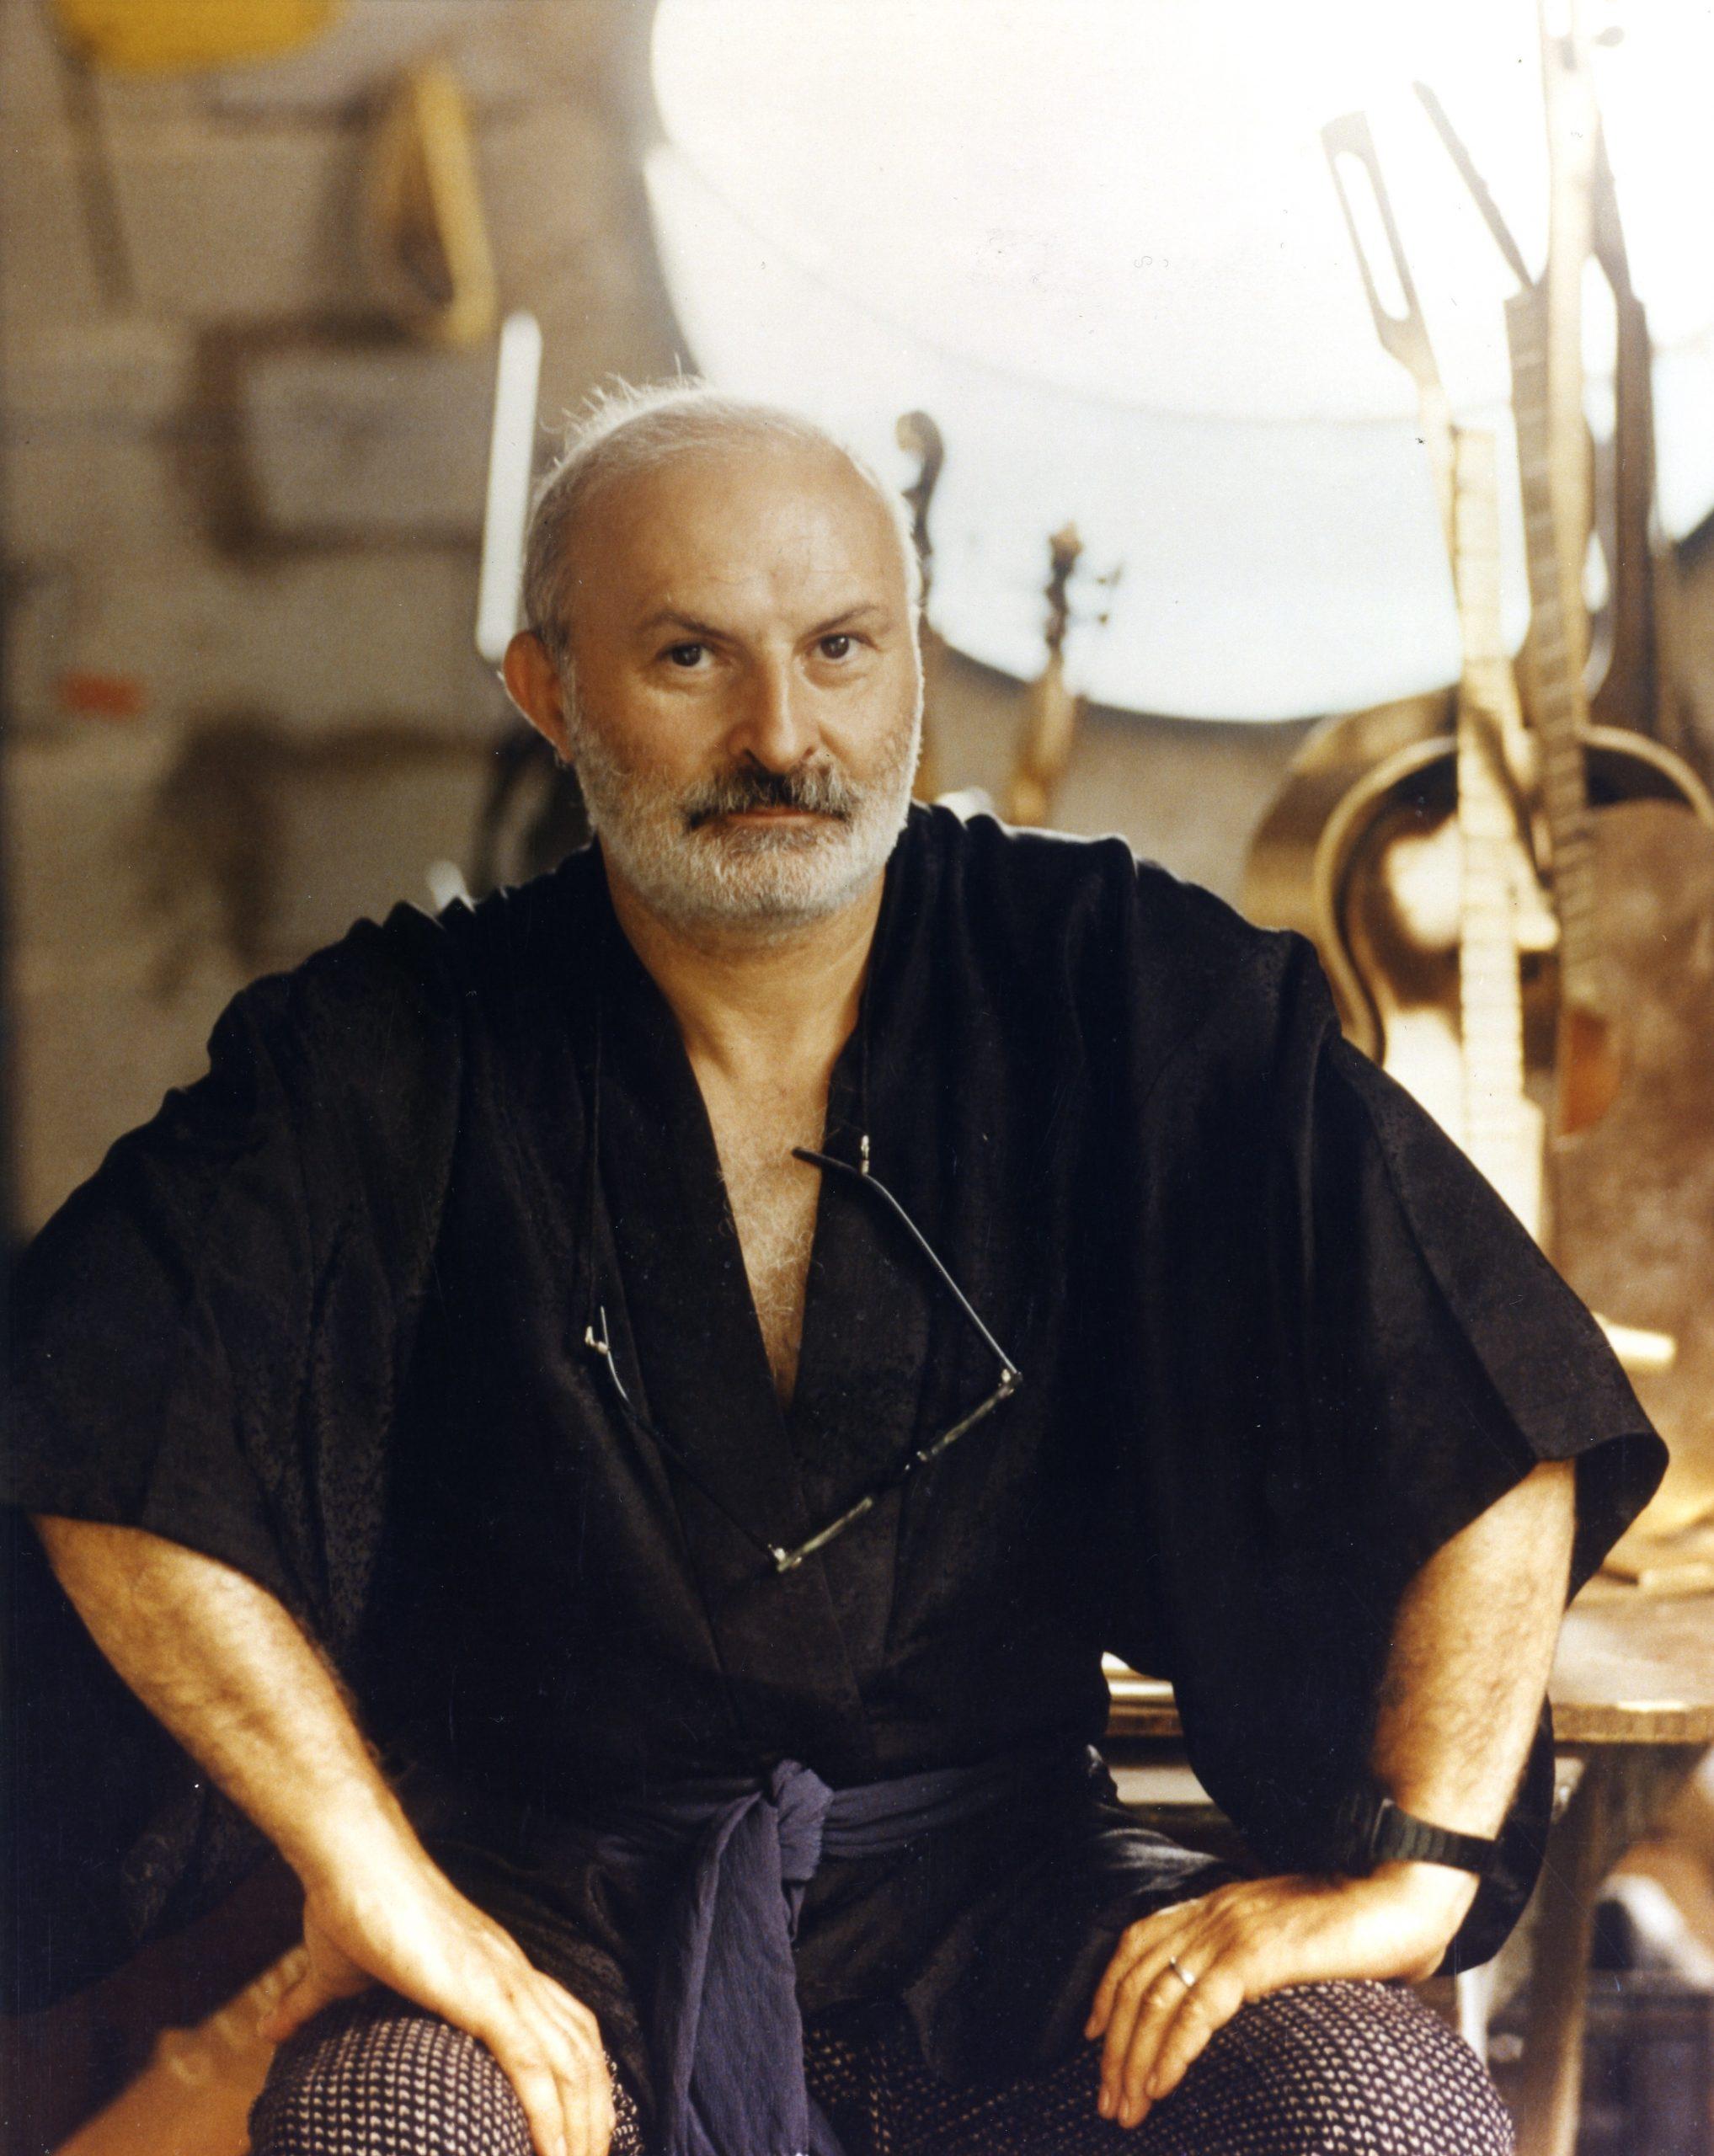 Arman Portrait 1984 c. Adam Inezedy